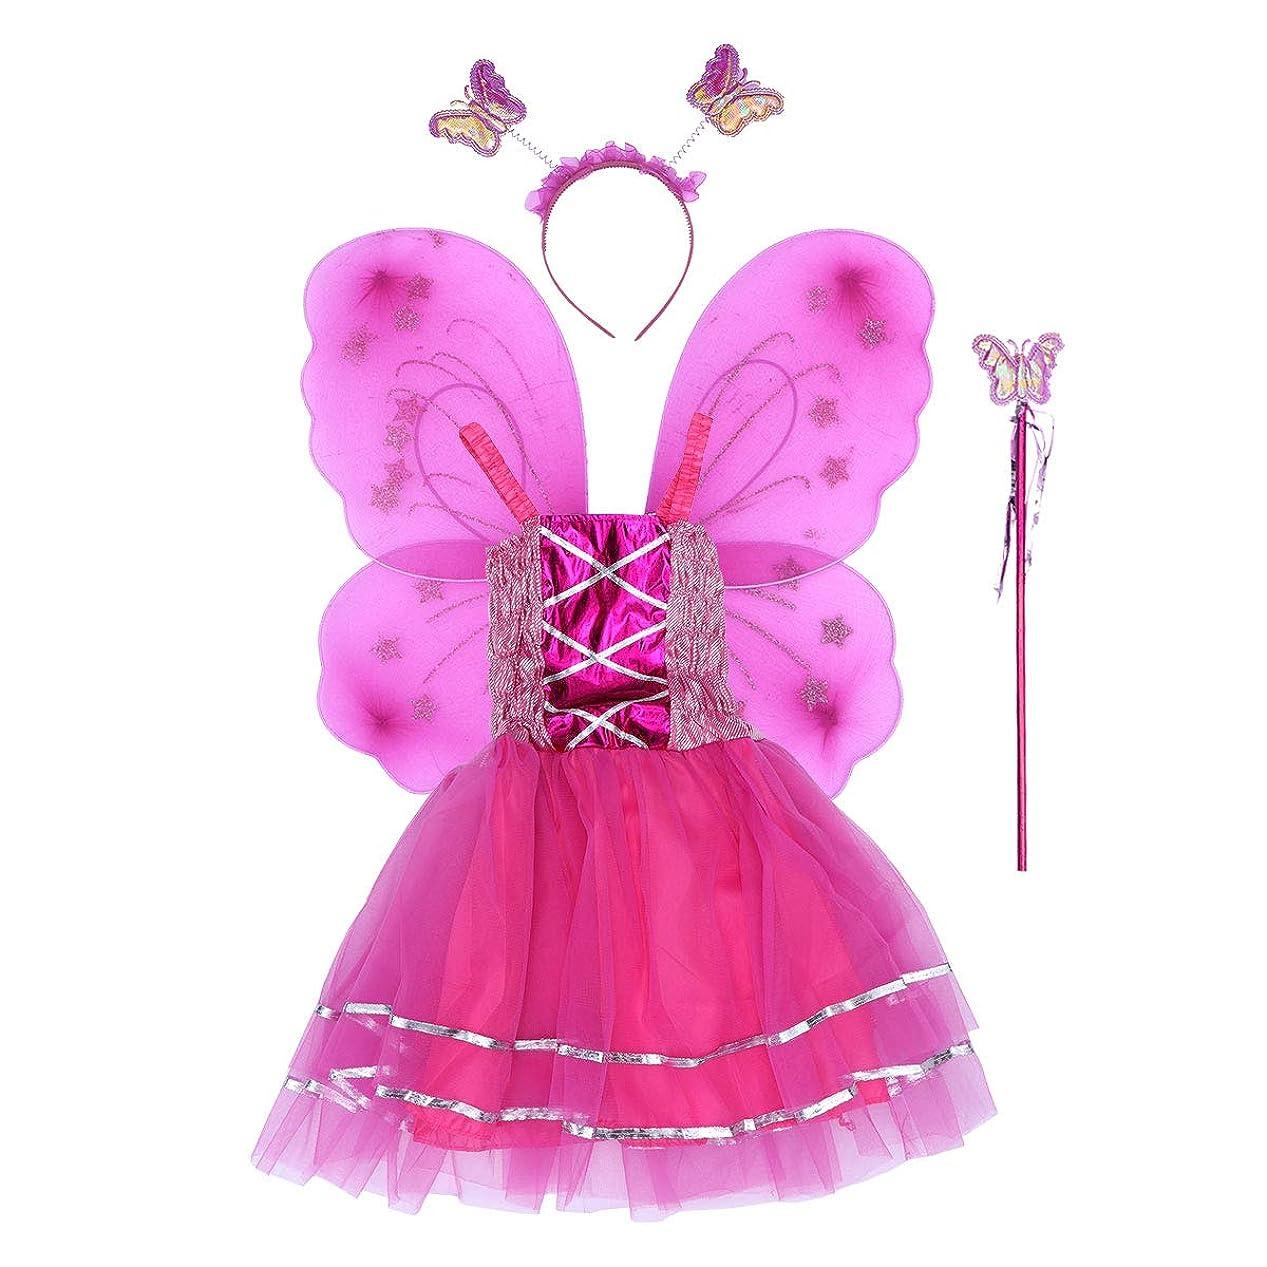 スポーツ毎日ご予約BESTOYARD 4個の女の子バタフライプリンセス妖精のコスチュームセットバタフライウィング、ワンド、ヘッドバンドとツツードレス(ロージー)